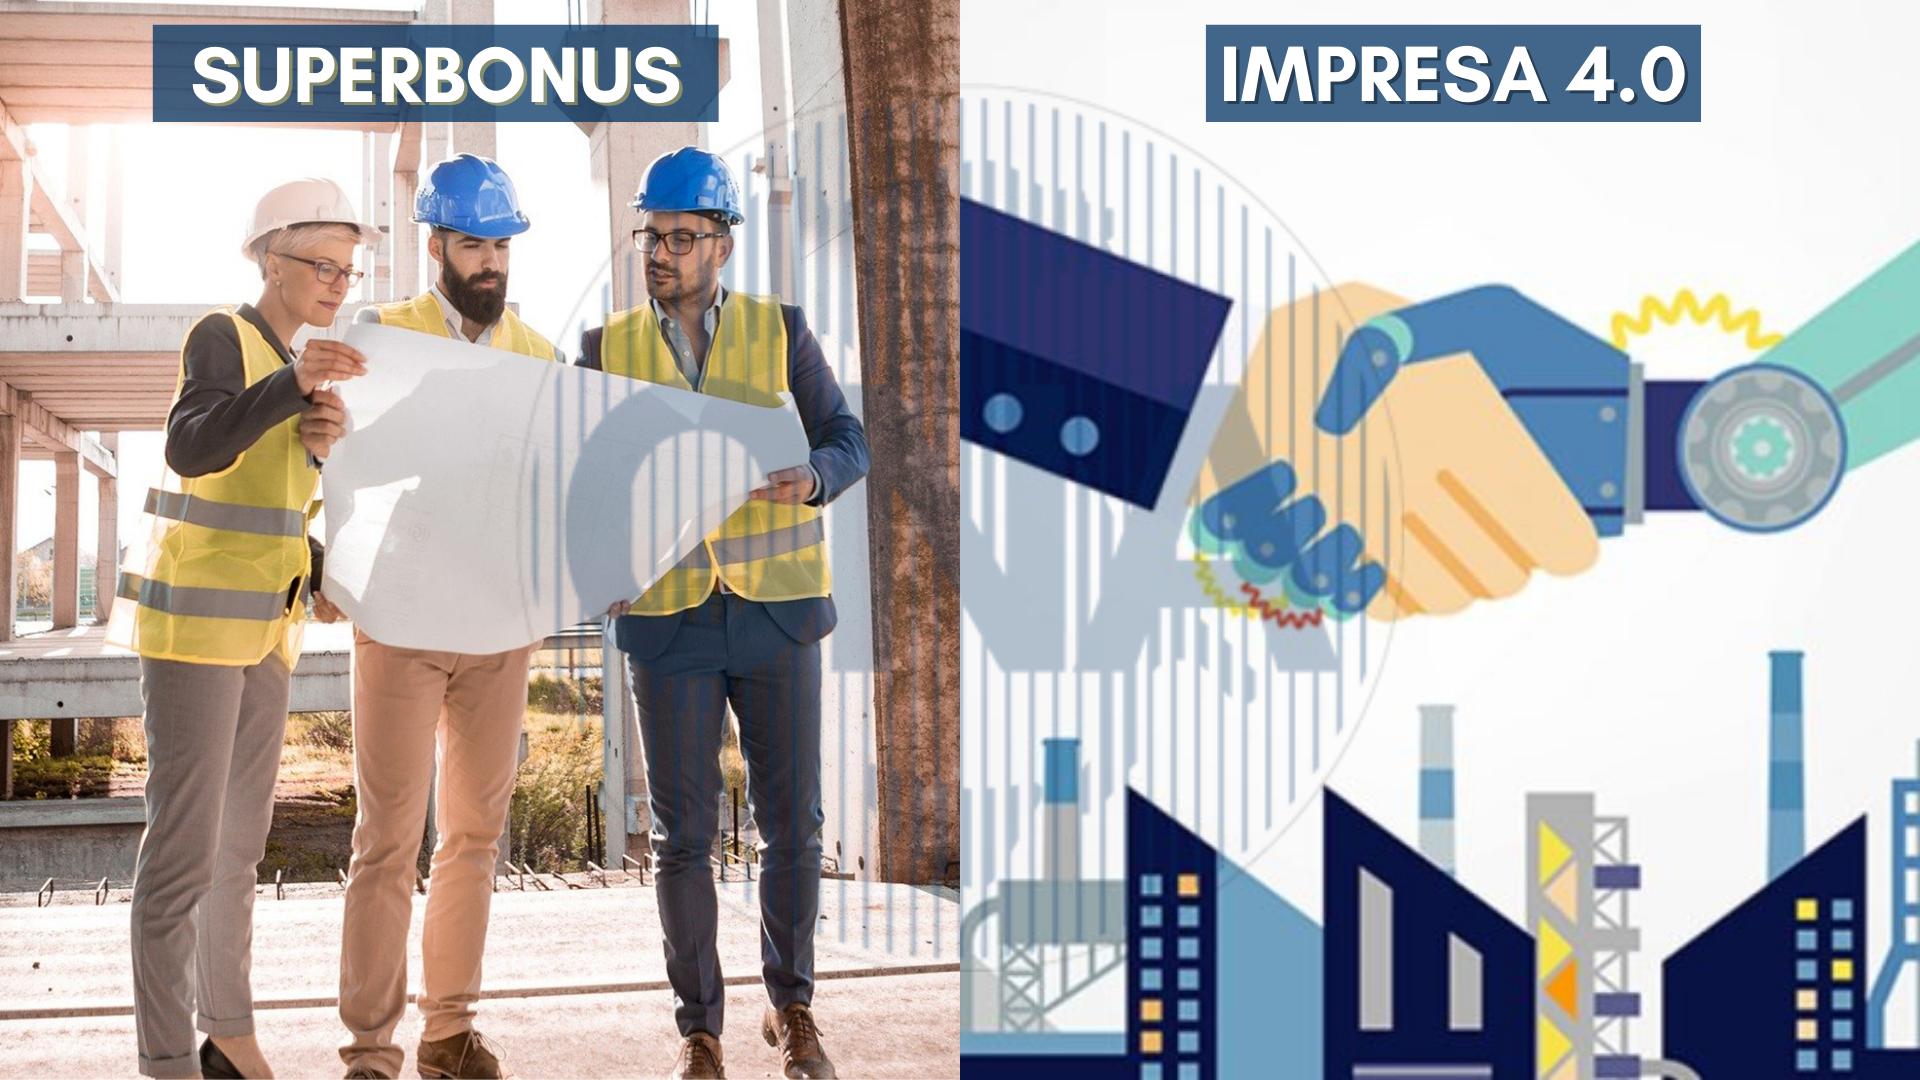 superbonus-impresa4.0